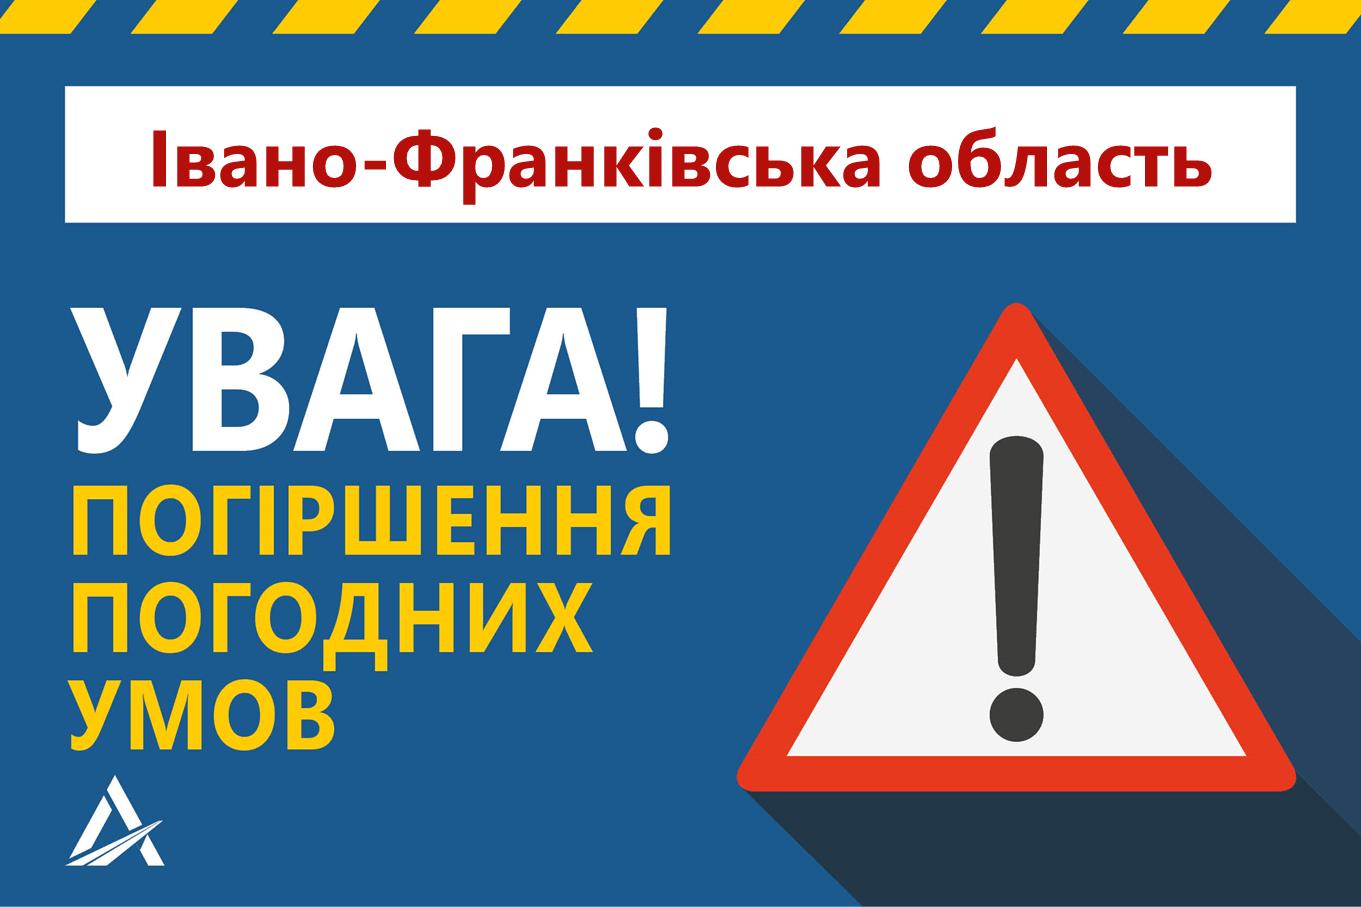 Водіїв закликають бути обережними на дорогах у високогір'ї Карпат через негоду